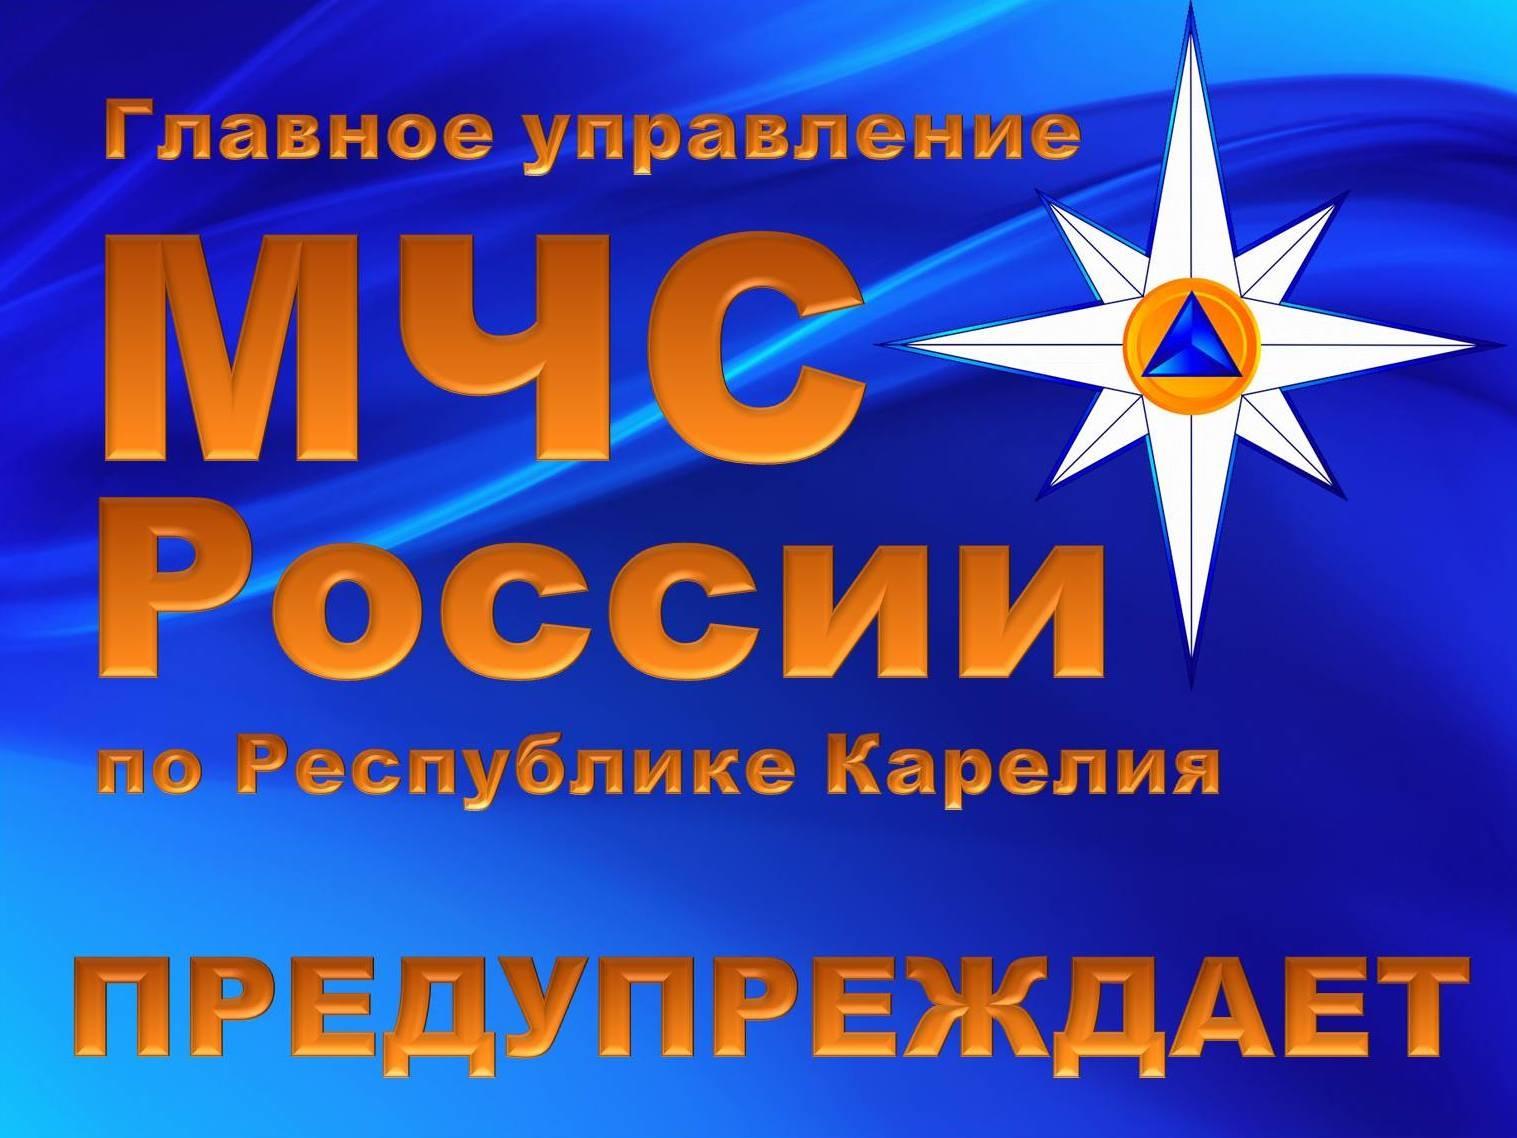 Опасном явлении пожарной опасности на территории Республики Карелия на 10-12 июня 2021 года.